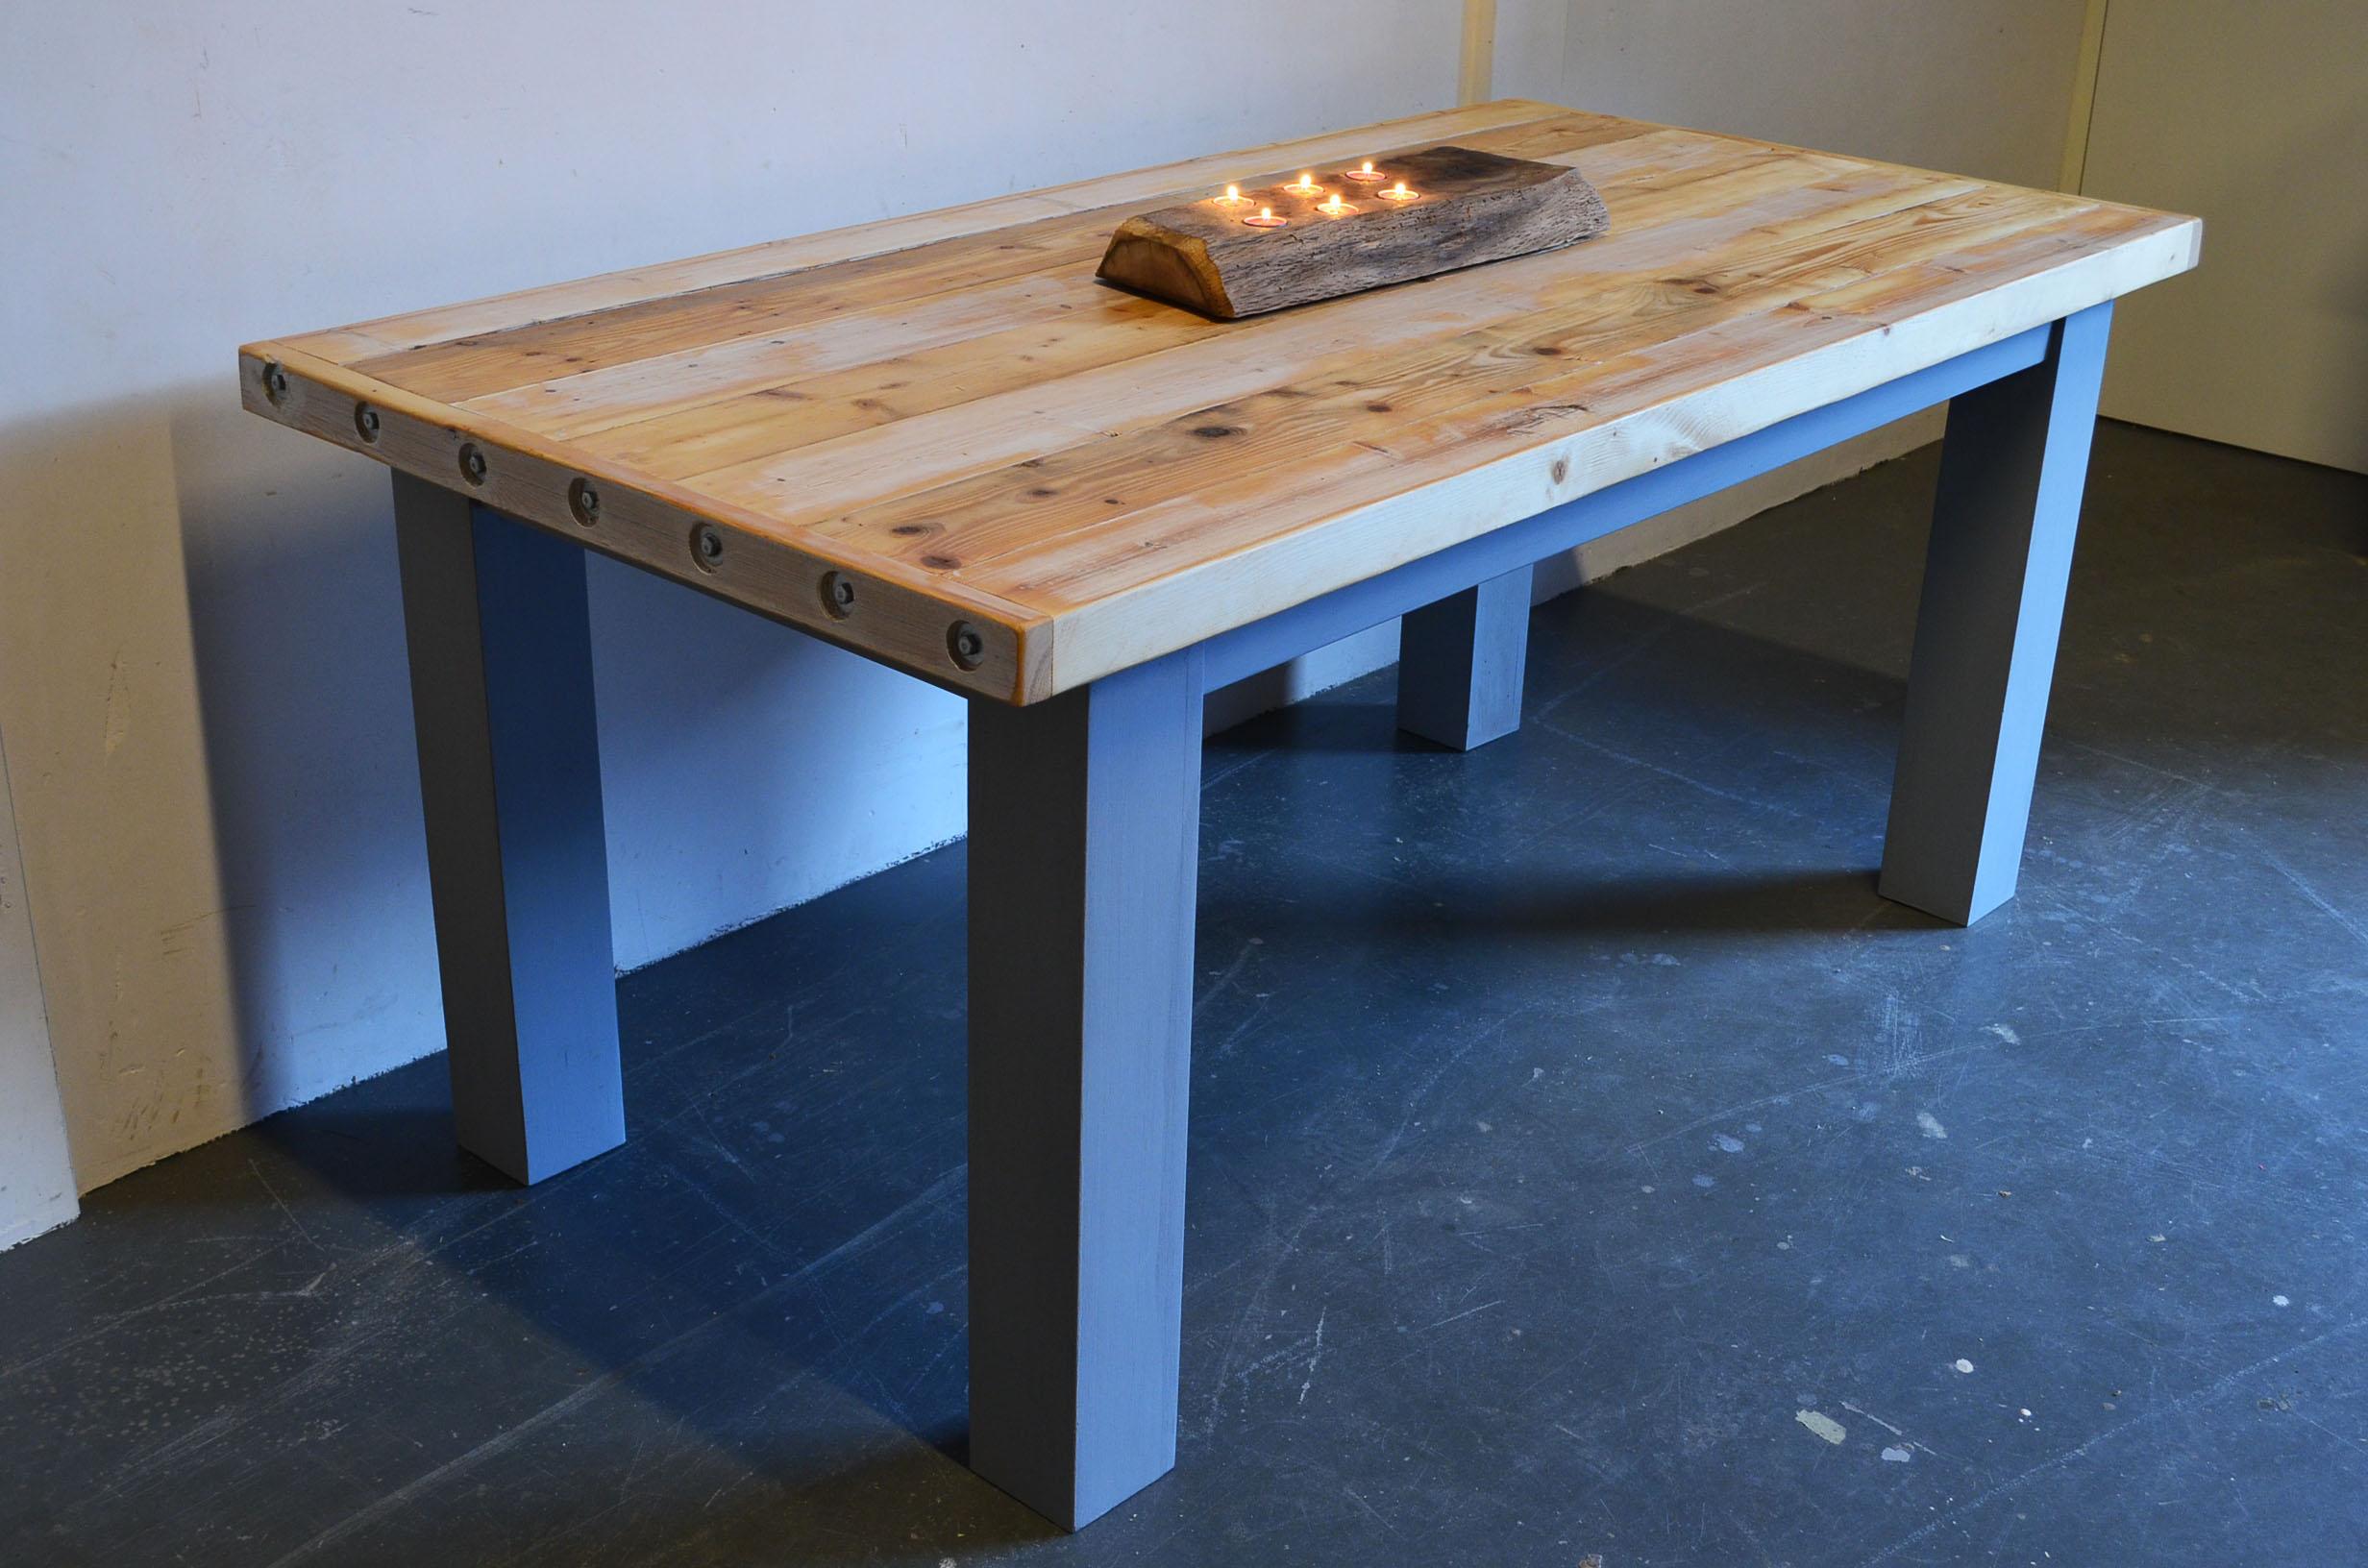 Moose design zoekt houten meubels voor recycle me project for Houten meubels